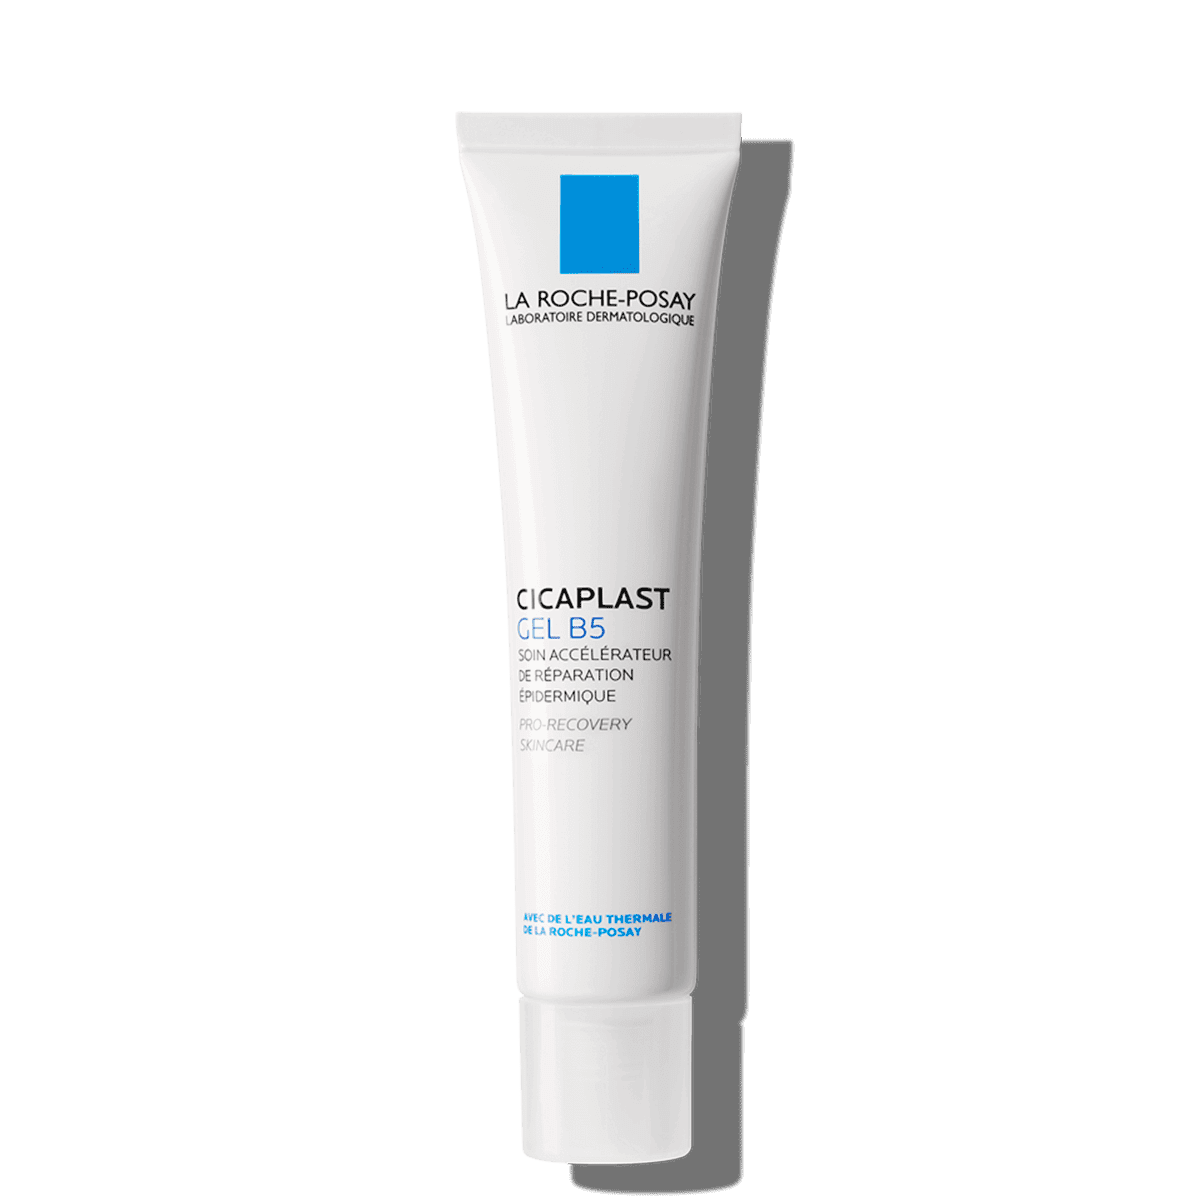 Cicaplast Żel B5 40 ml Przód 1 | La Roche Posay